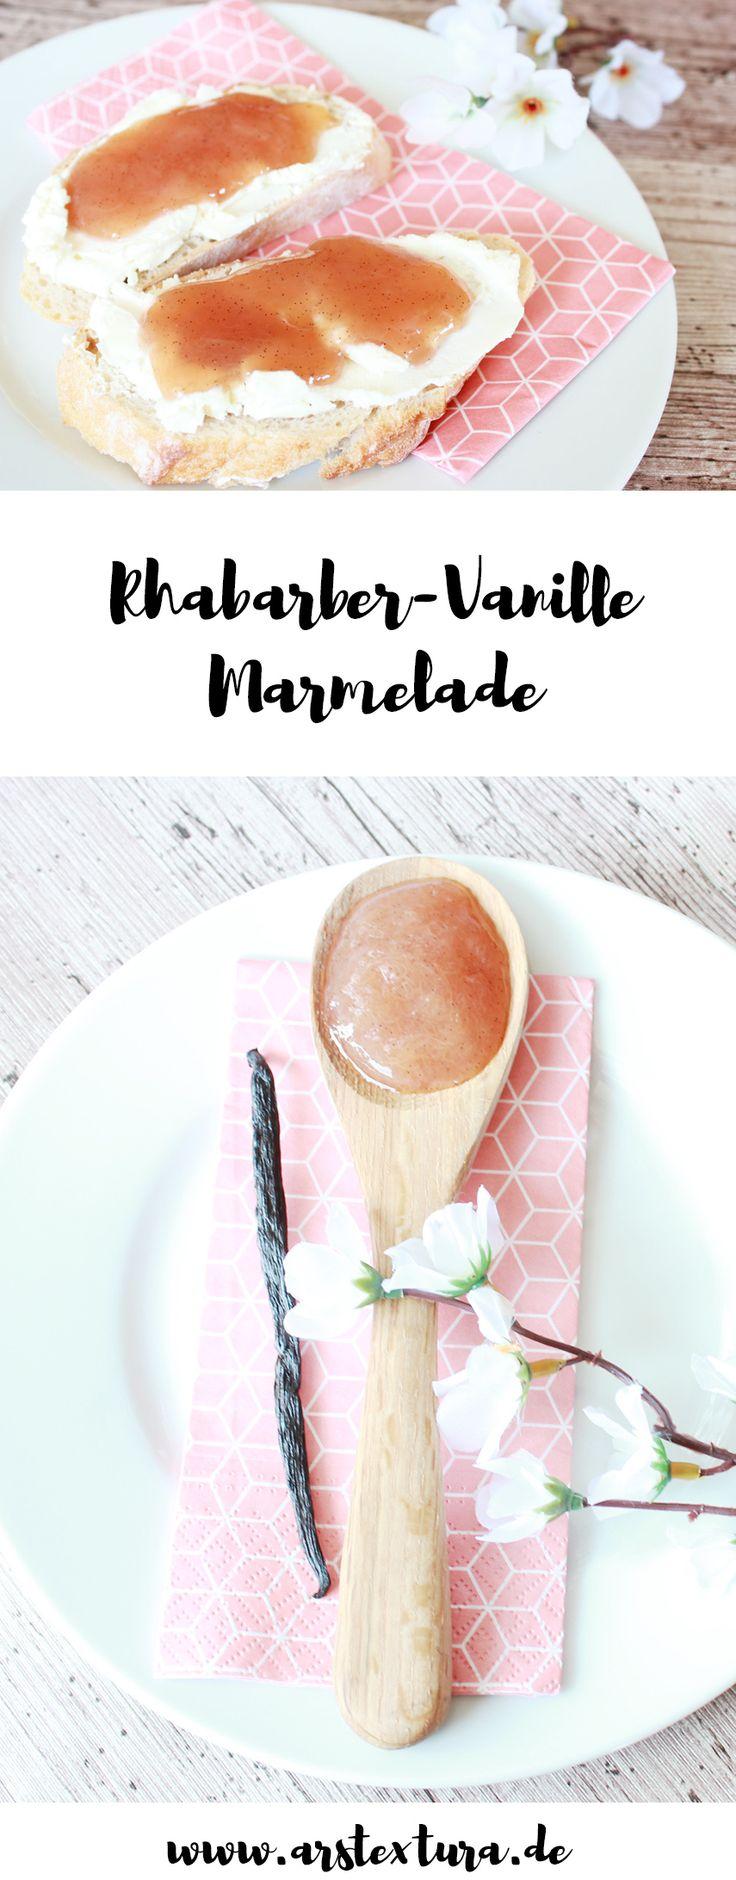 Rhabarber Vanille Marmelade - Leckeres Frühlingsrezept